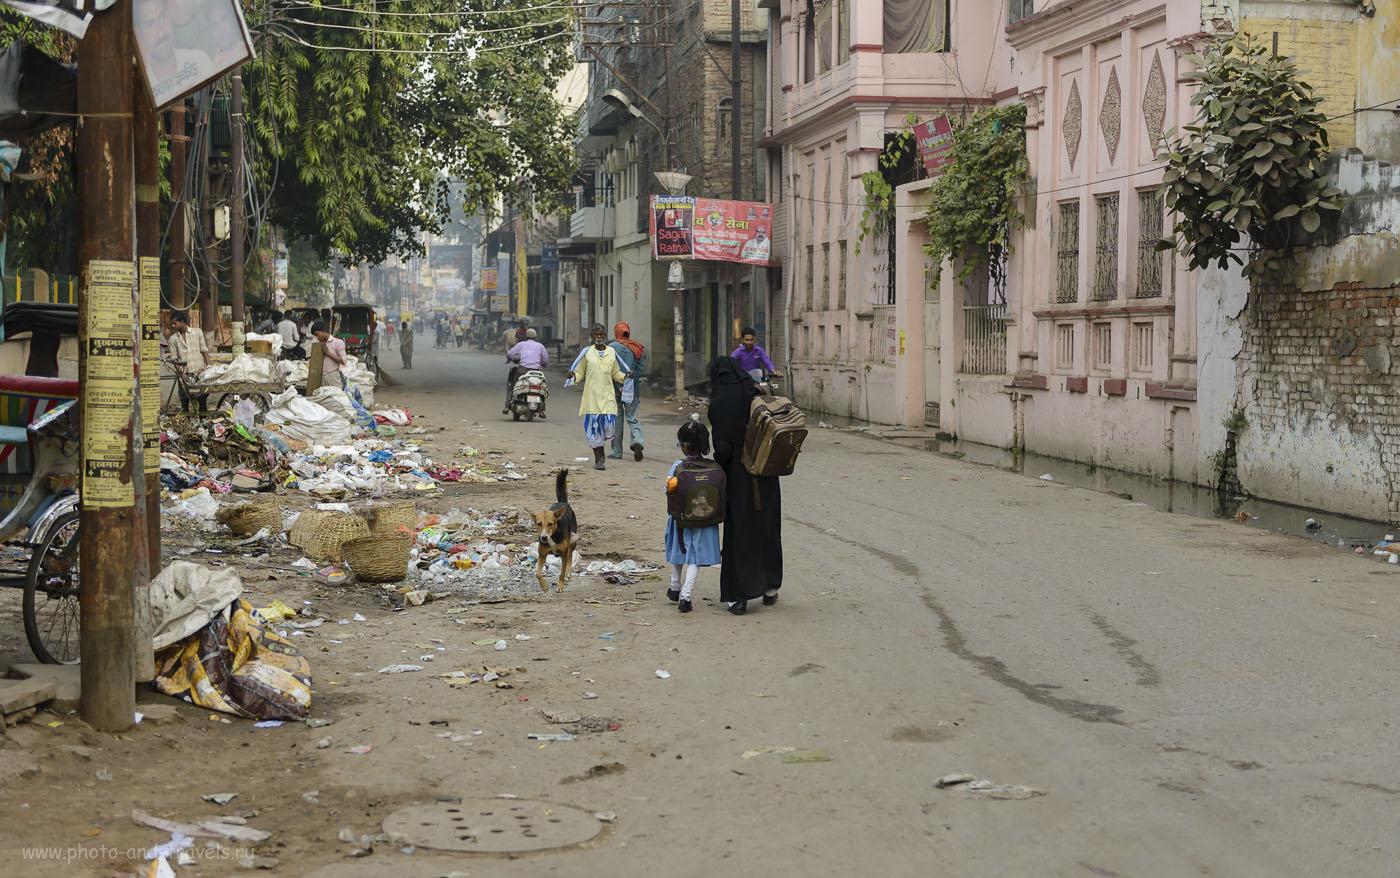 Фото 10. Отзыв о путешествии по Индии. Любовь к мусору воспитывается у индийских детей, если не с молоком матери, то со школьной скамьи. 1/640, -0.33, 2.83, 250, 50.